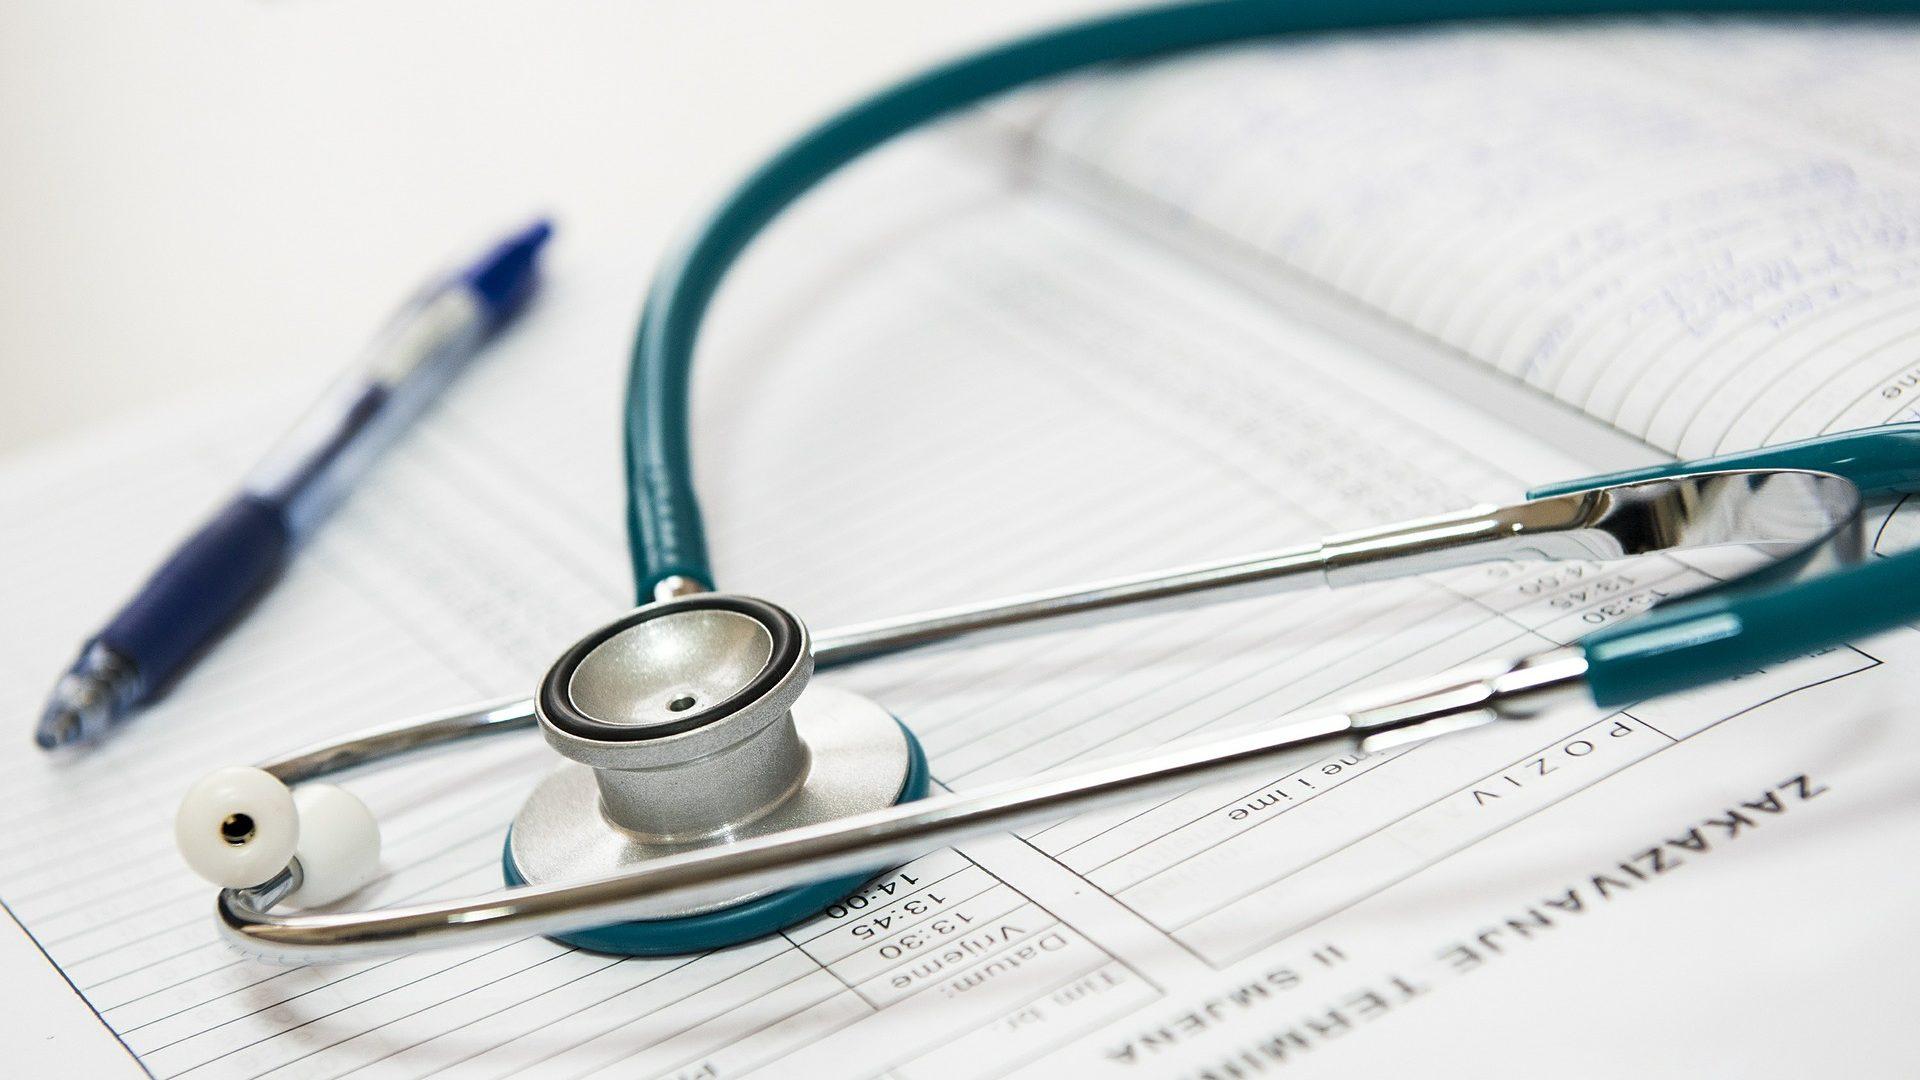 למרות עליה של 4.3% בהוצאה הלאומית לבריאות, זו עדיין הוצאה נמוכה מהממוצע ב-OECD